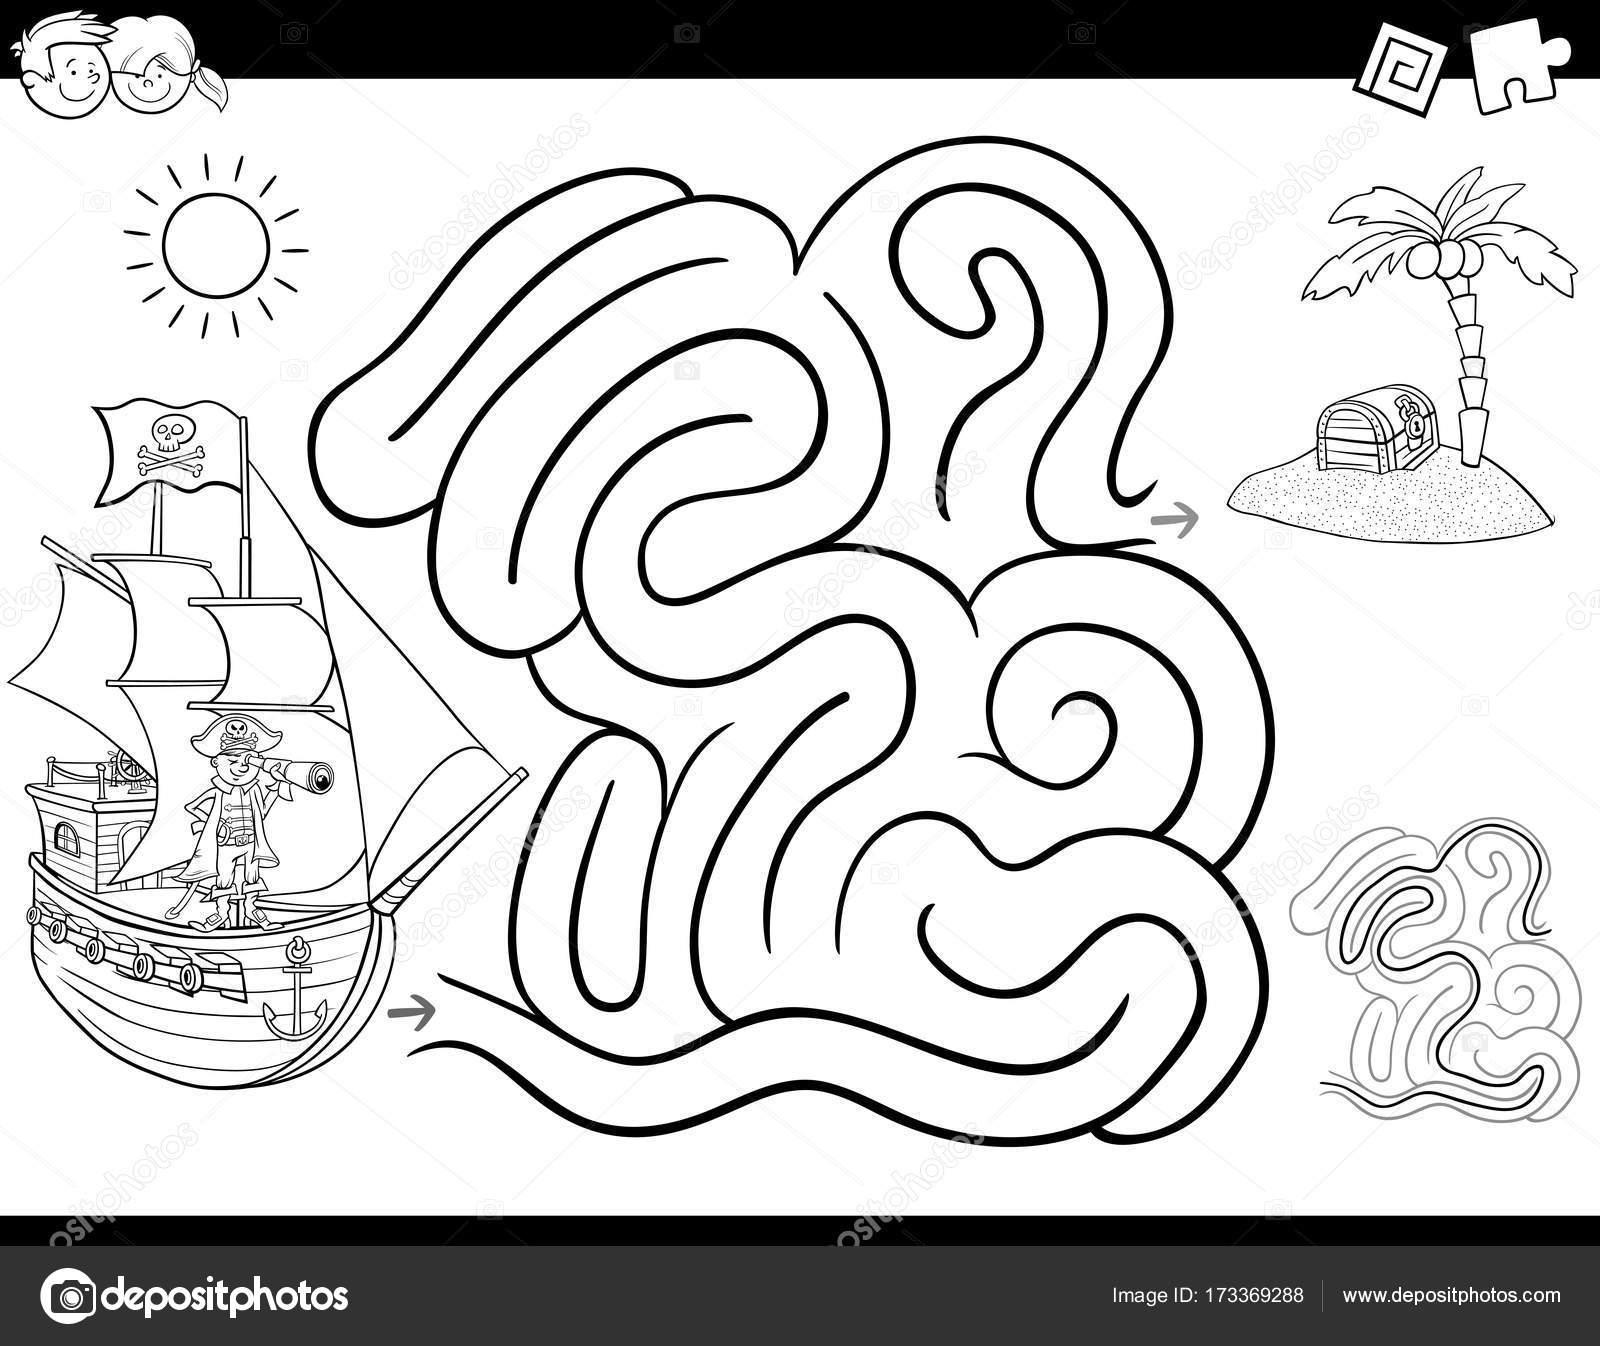 Livre De Coloriage Jeu De Labyrinthe Avec Pirate Image Vectorielle